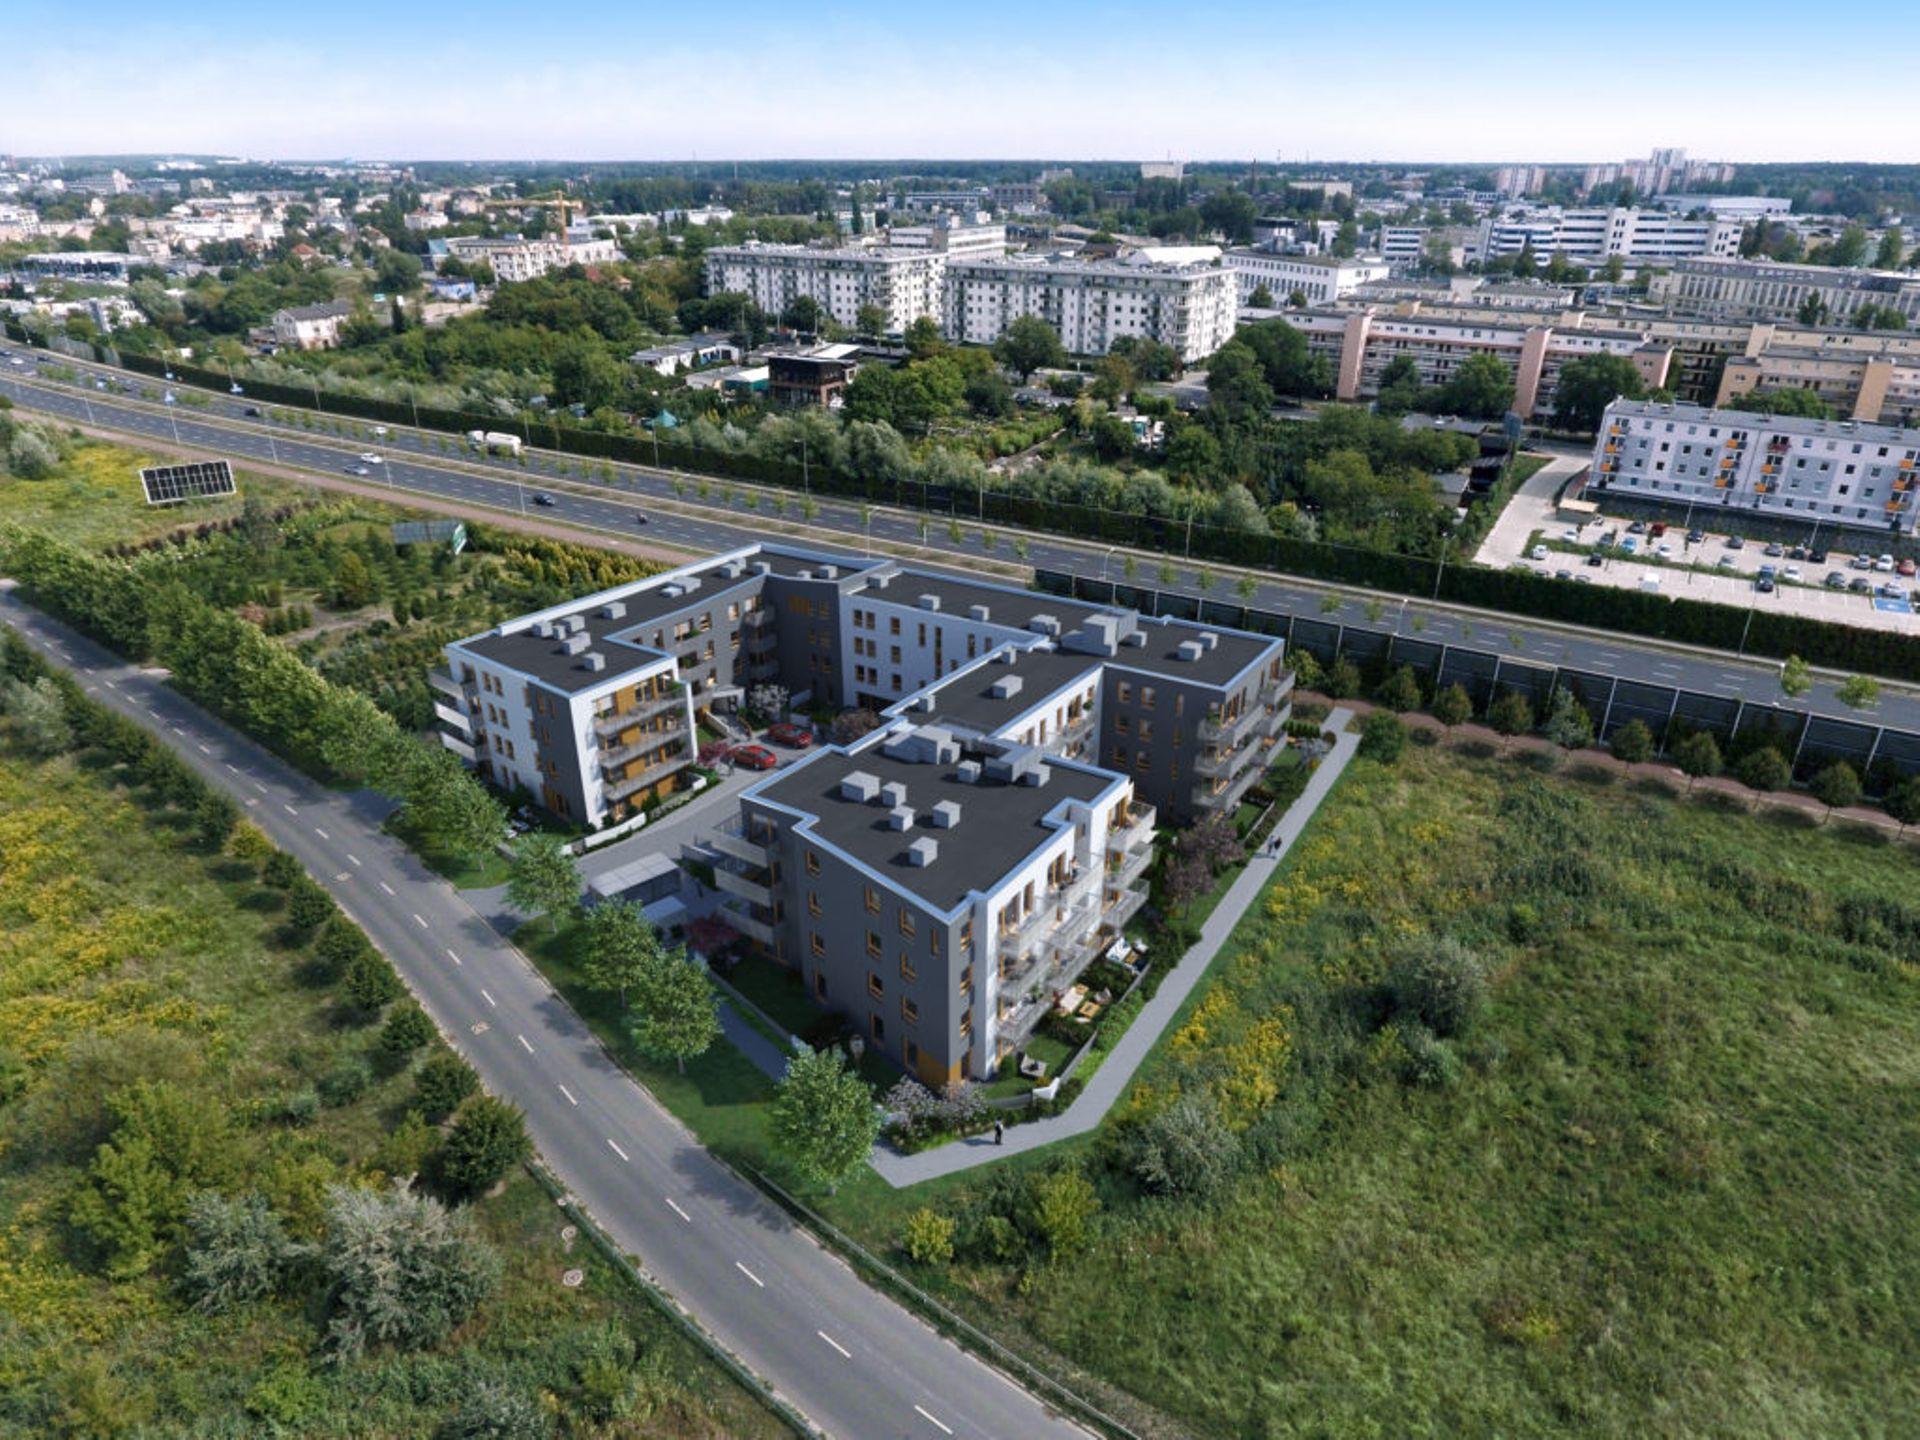 [Poznań] Budowa Śródki OdNowa 2 w Poznaniu przebiega bez postoju